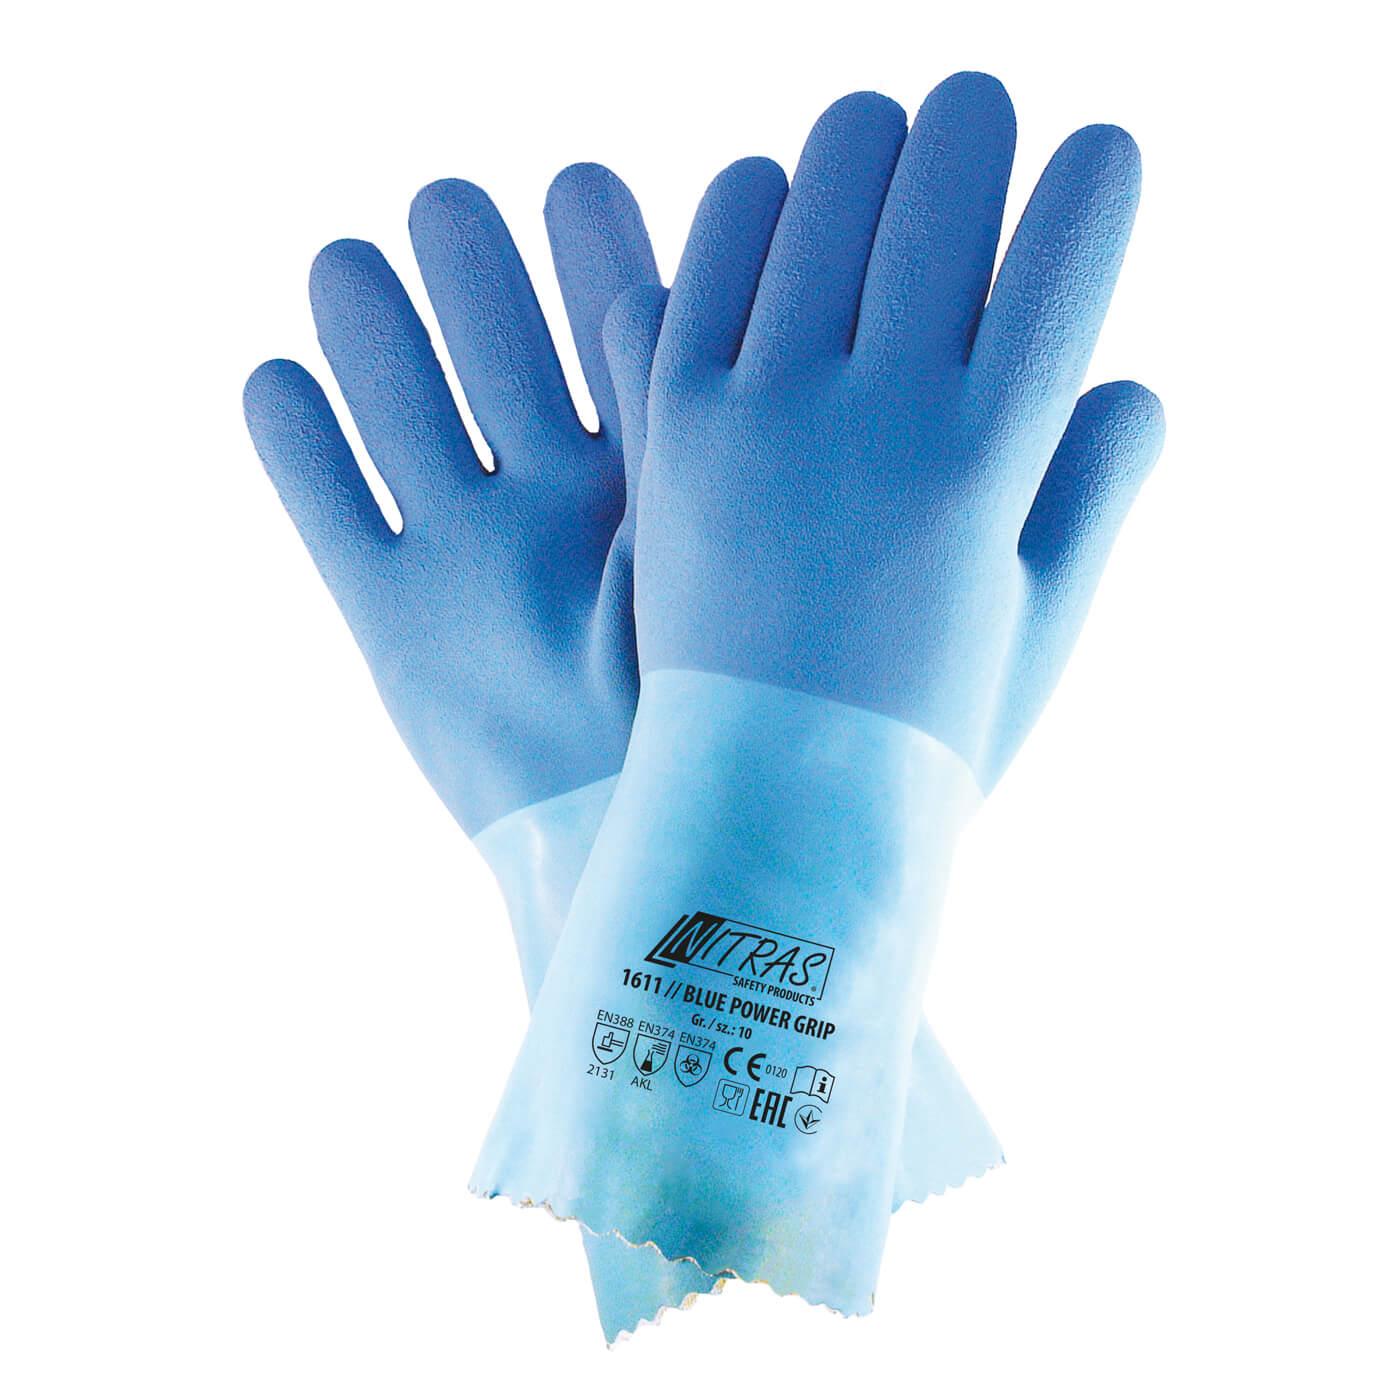 Rękawice chemiczne Nitras 1611/ BLUE POWER GRIP